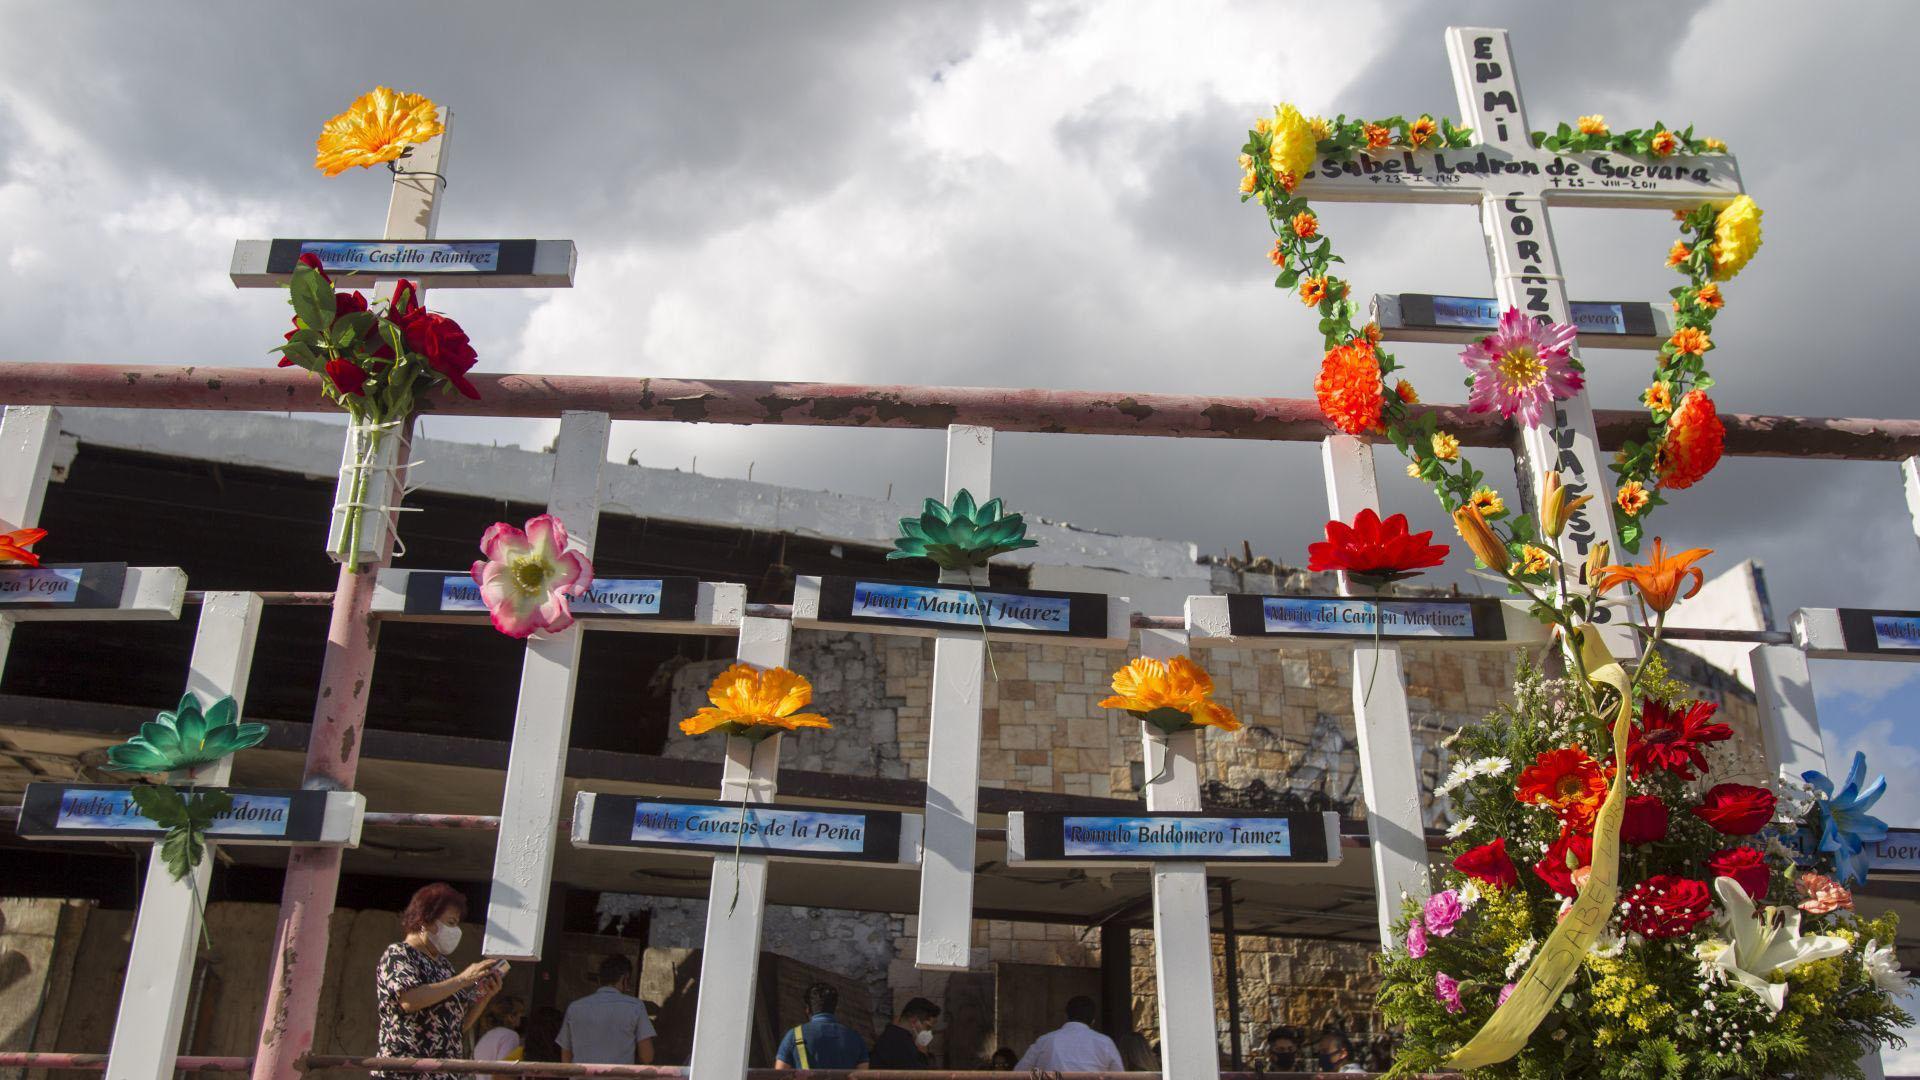 Cruces con decoraciones adornaron la fachada del lugar con los nombres de las personas ahí fallecidas (Foto: Cuartoscuro)